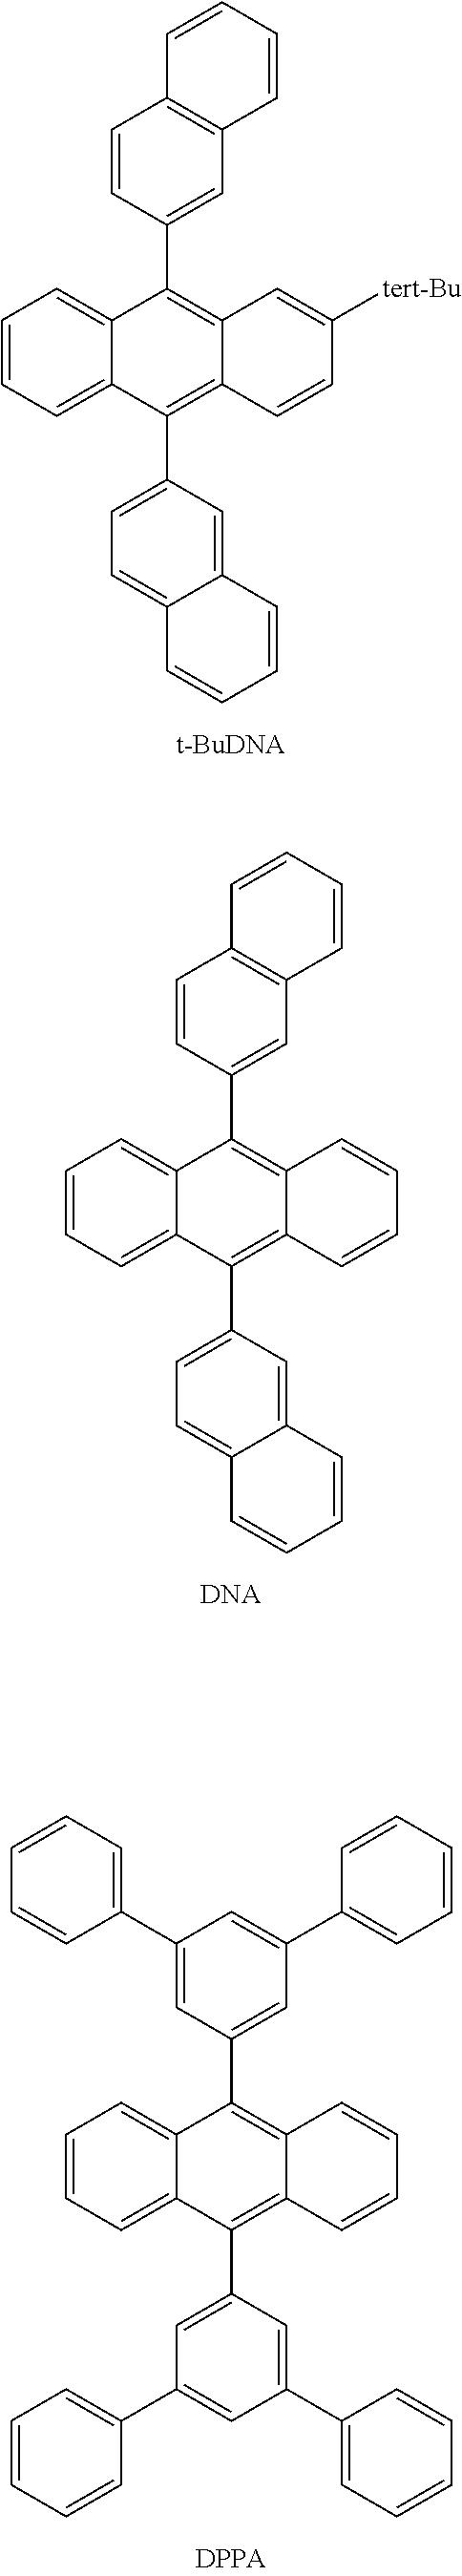 Figure US08815419-20140826-C00001